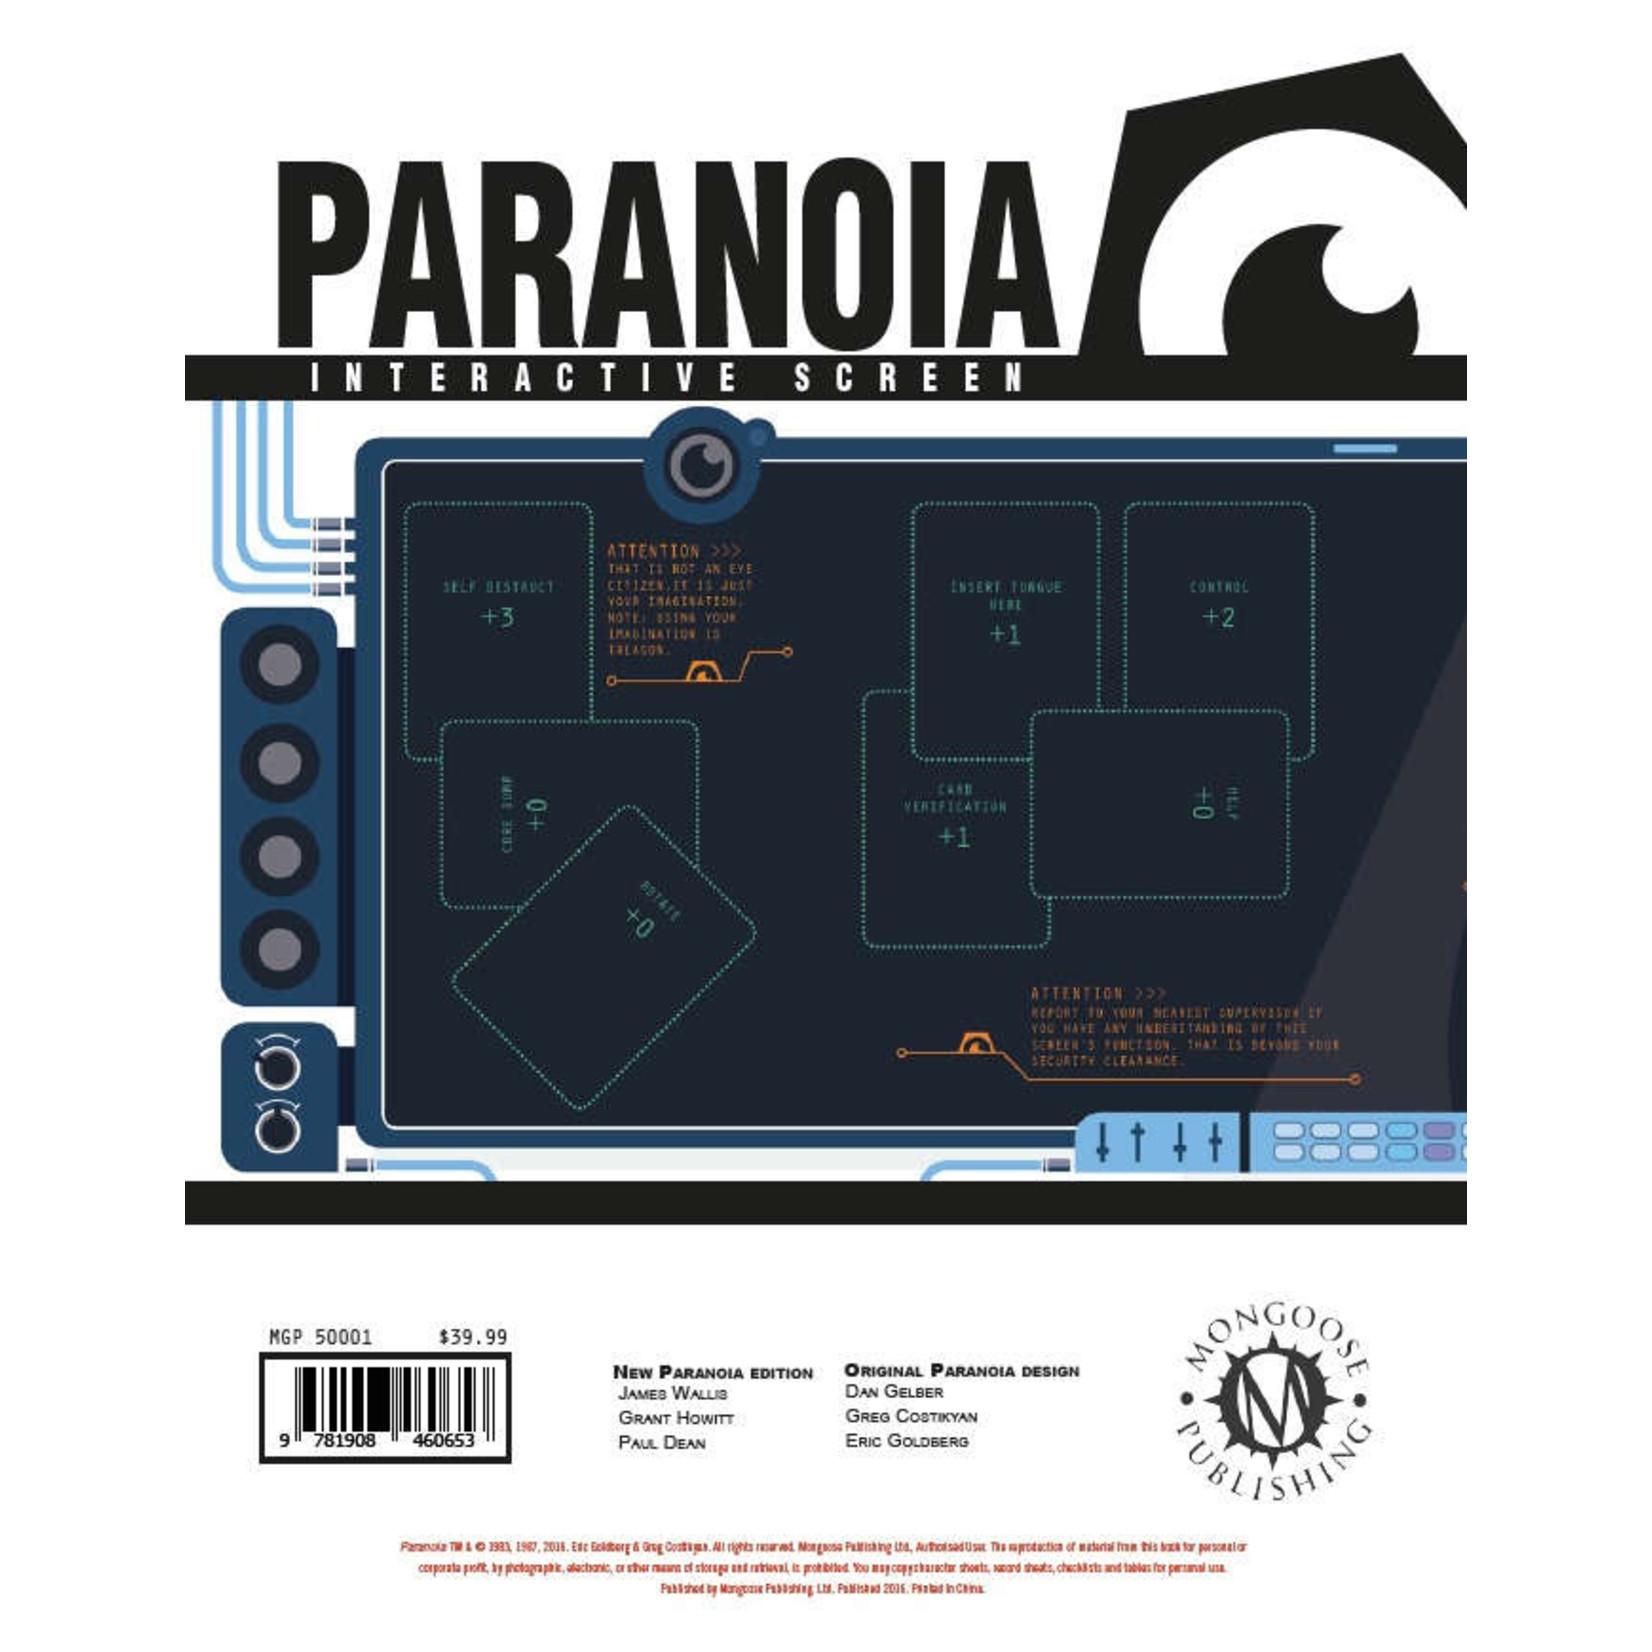 Paranoia RPG: Interactive Screen